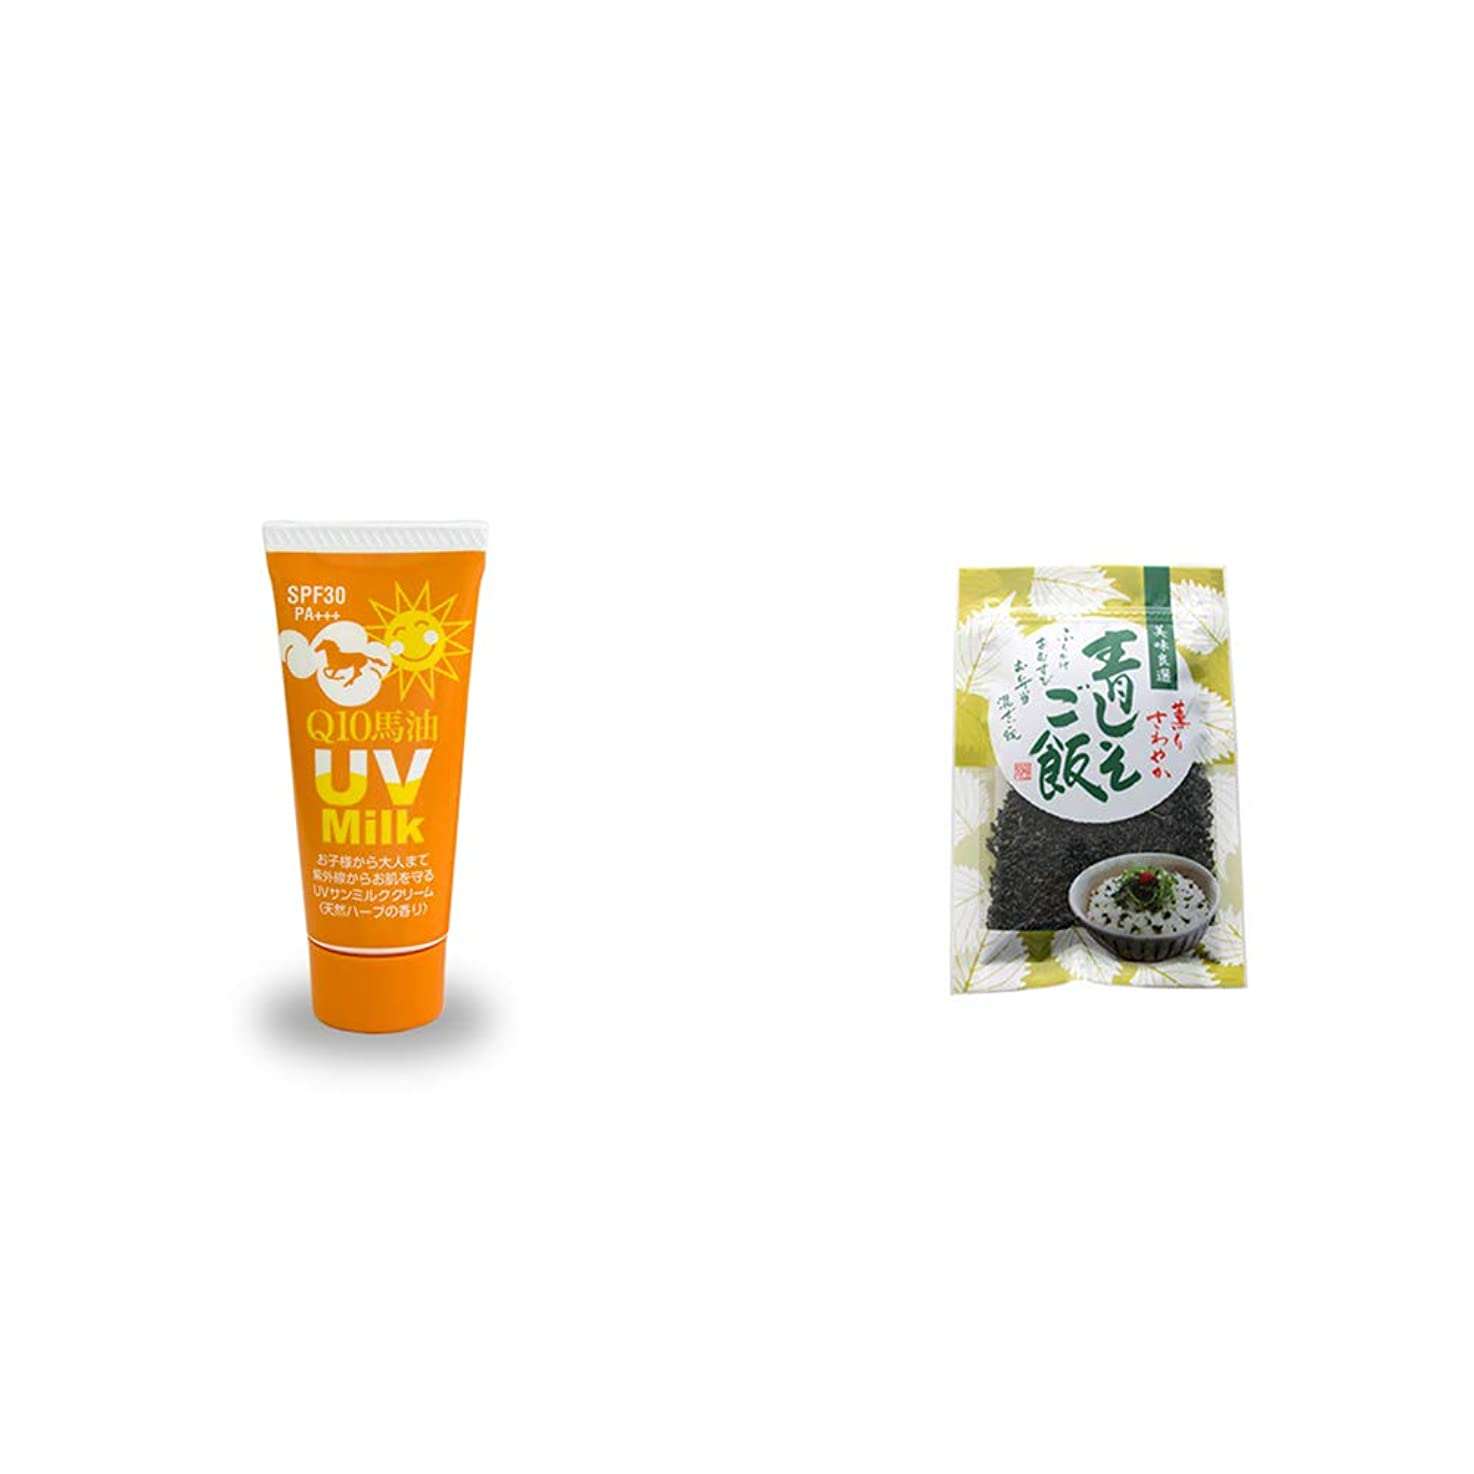 [2点セット] 炭黒泉 Q10馬油 UVサンミルク[天然ハーブ](40g)?薫りさわやか 青しそご飯(80g)